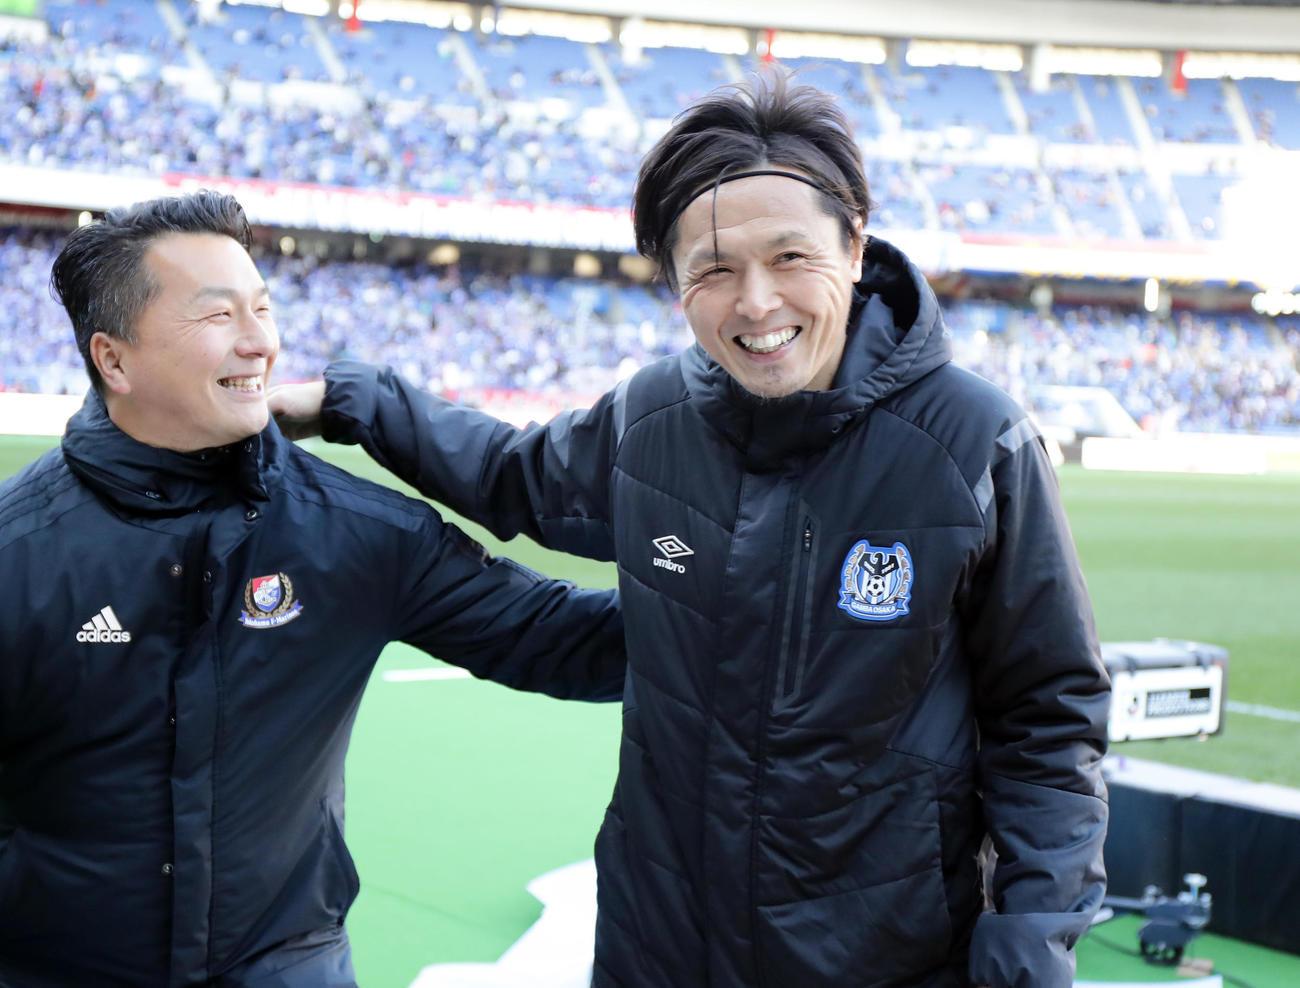 横浜対G大阪 J1最多出場記録タイで、開幕戦を勝利で飾ったG大阪MF遠藤(右)は、横浜のスタッフに健闘をたたえられ笑顔(撮影・浅見桂子)